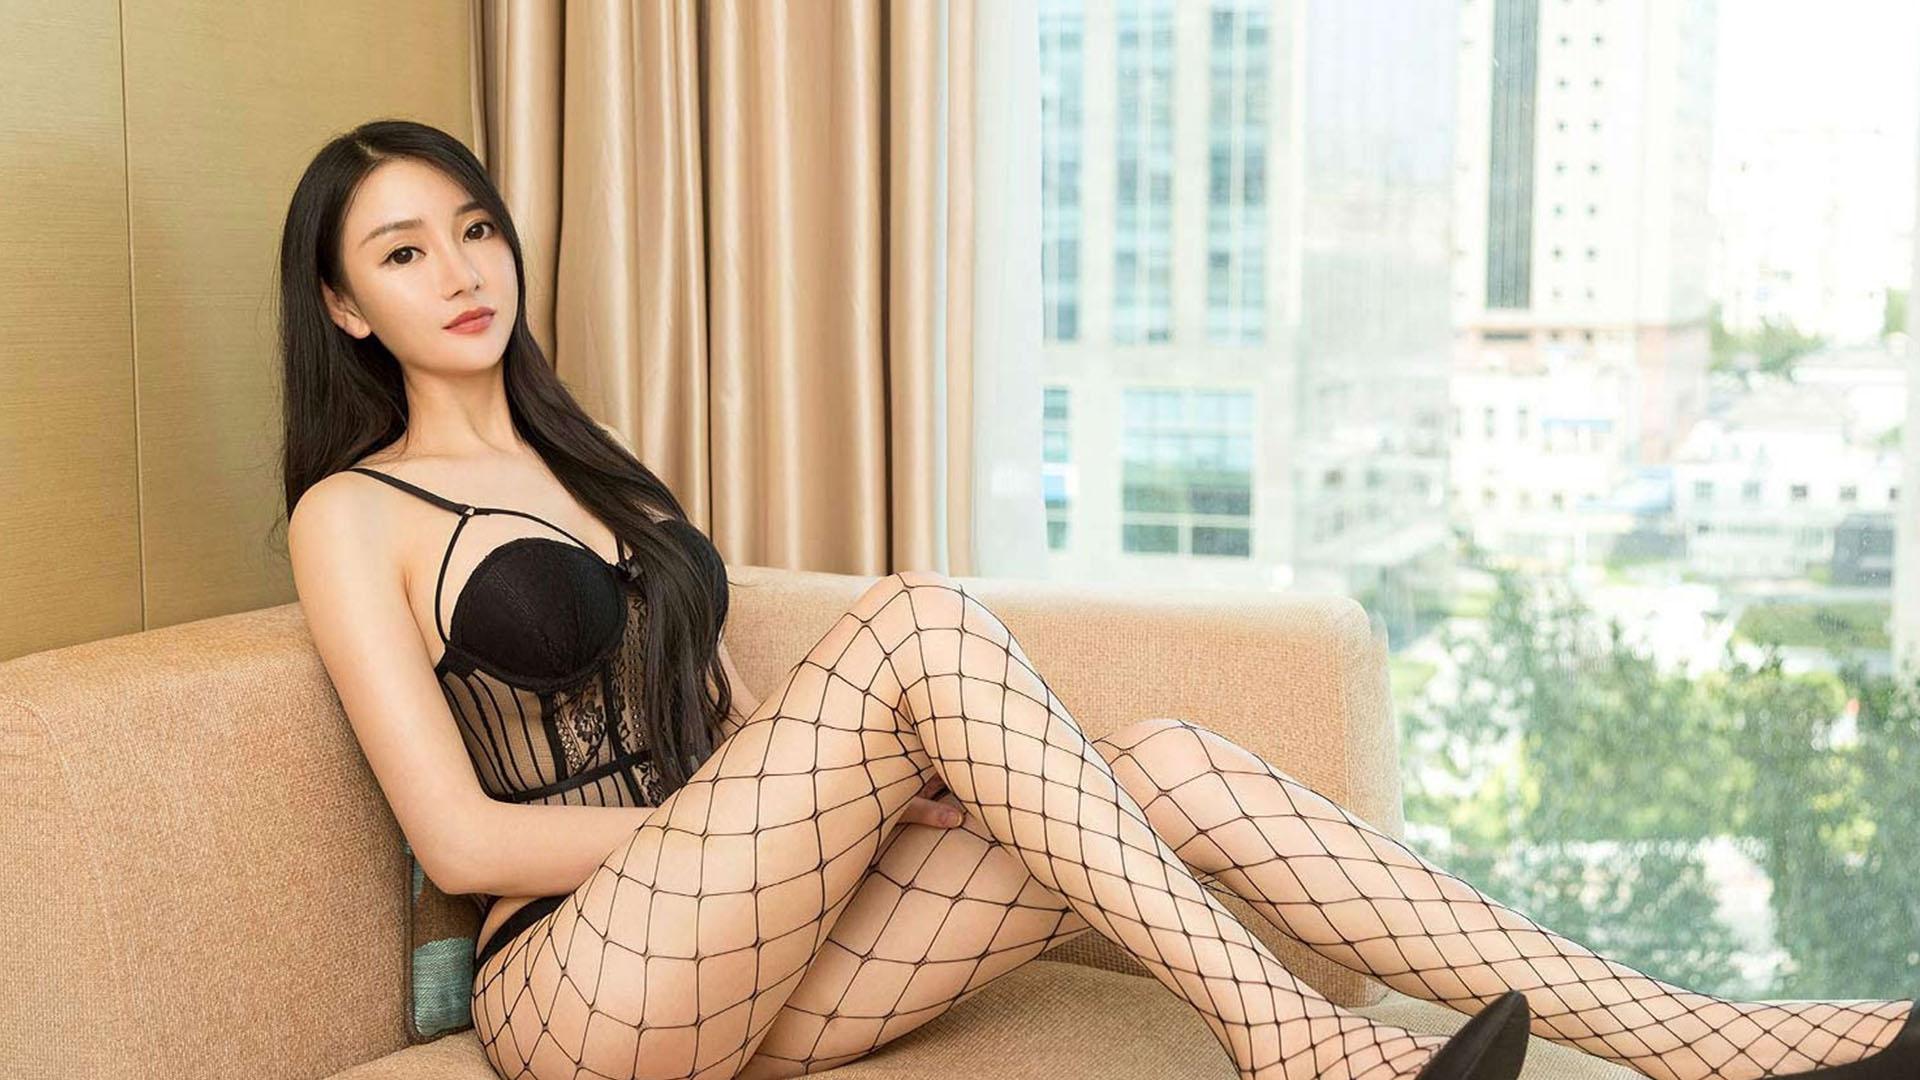 私房性感巨乳美女妩媚床上诱惑爆乳写真桌面壁纸